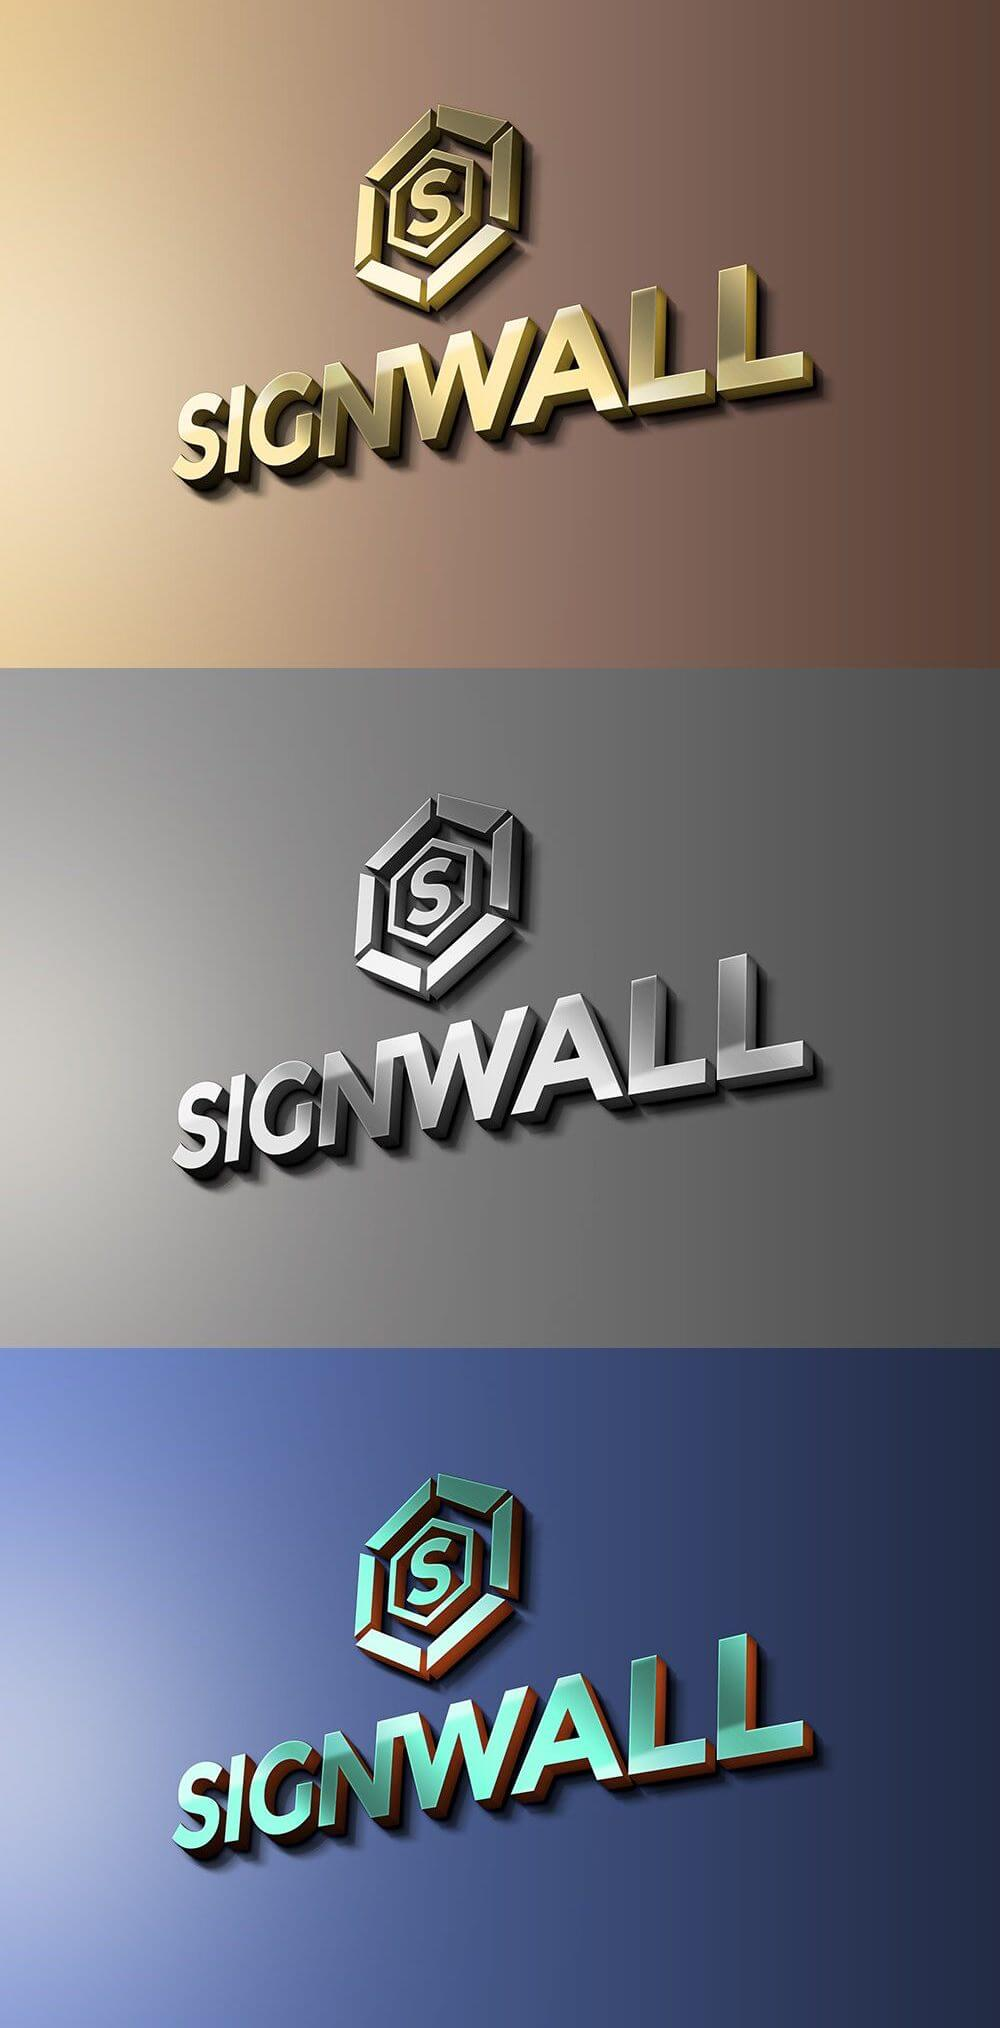 signwall-logo-mockup